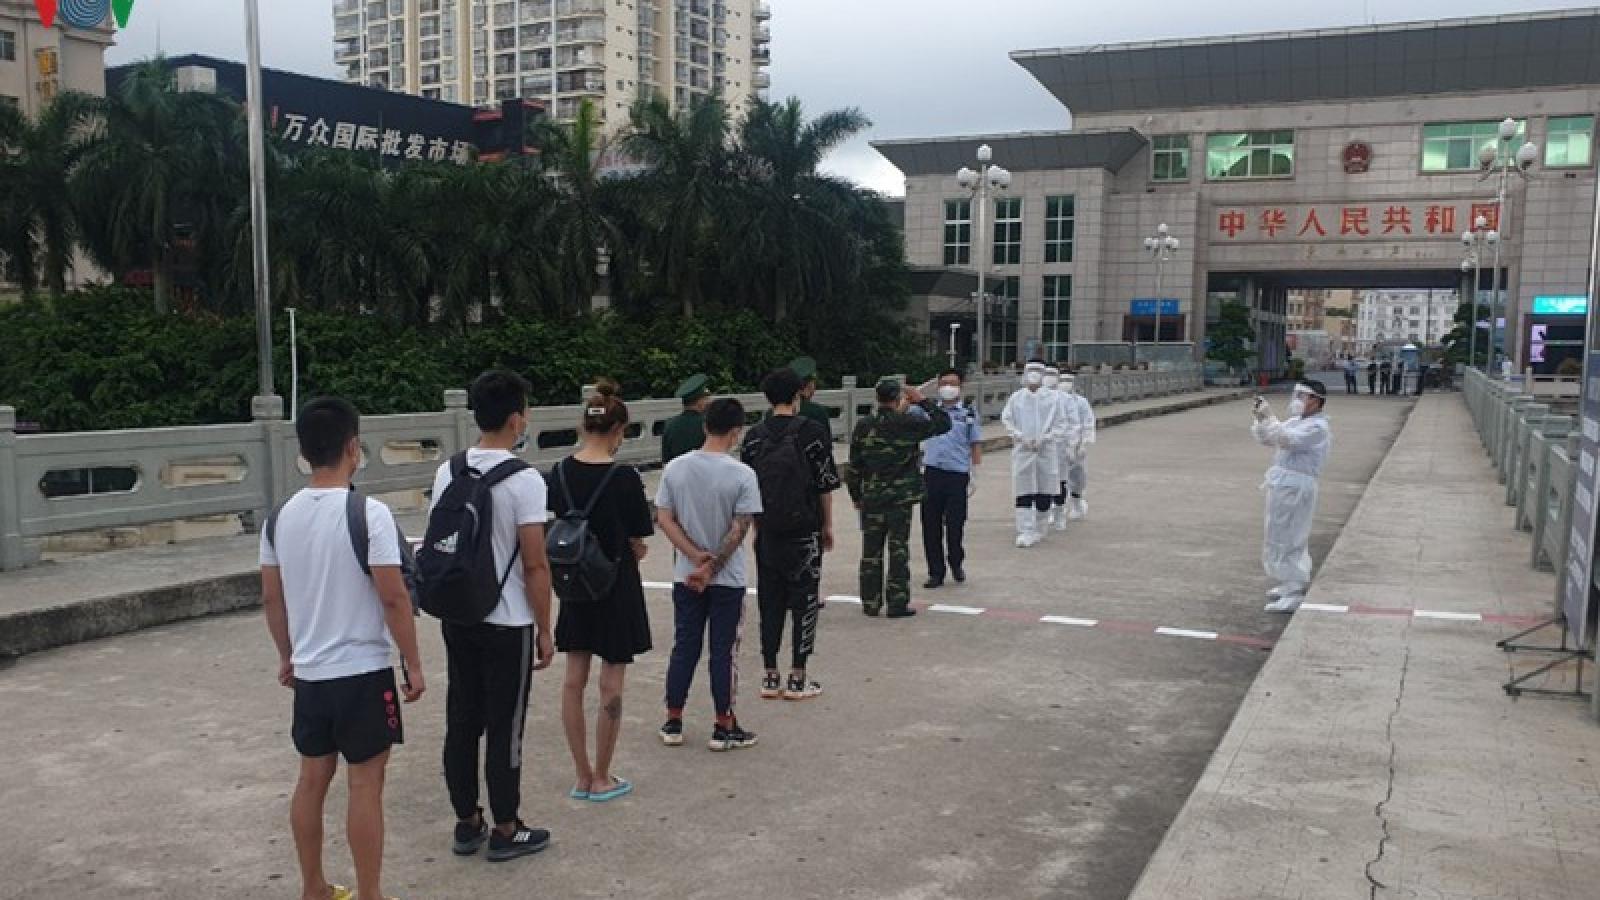 Trao trả 5 người Trung Quốc nhập cảnh trái phép ở Quảng Ninh